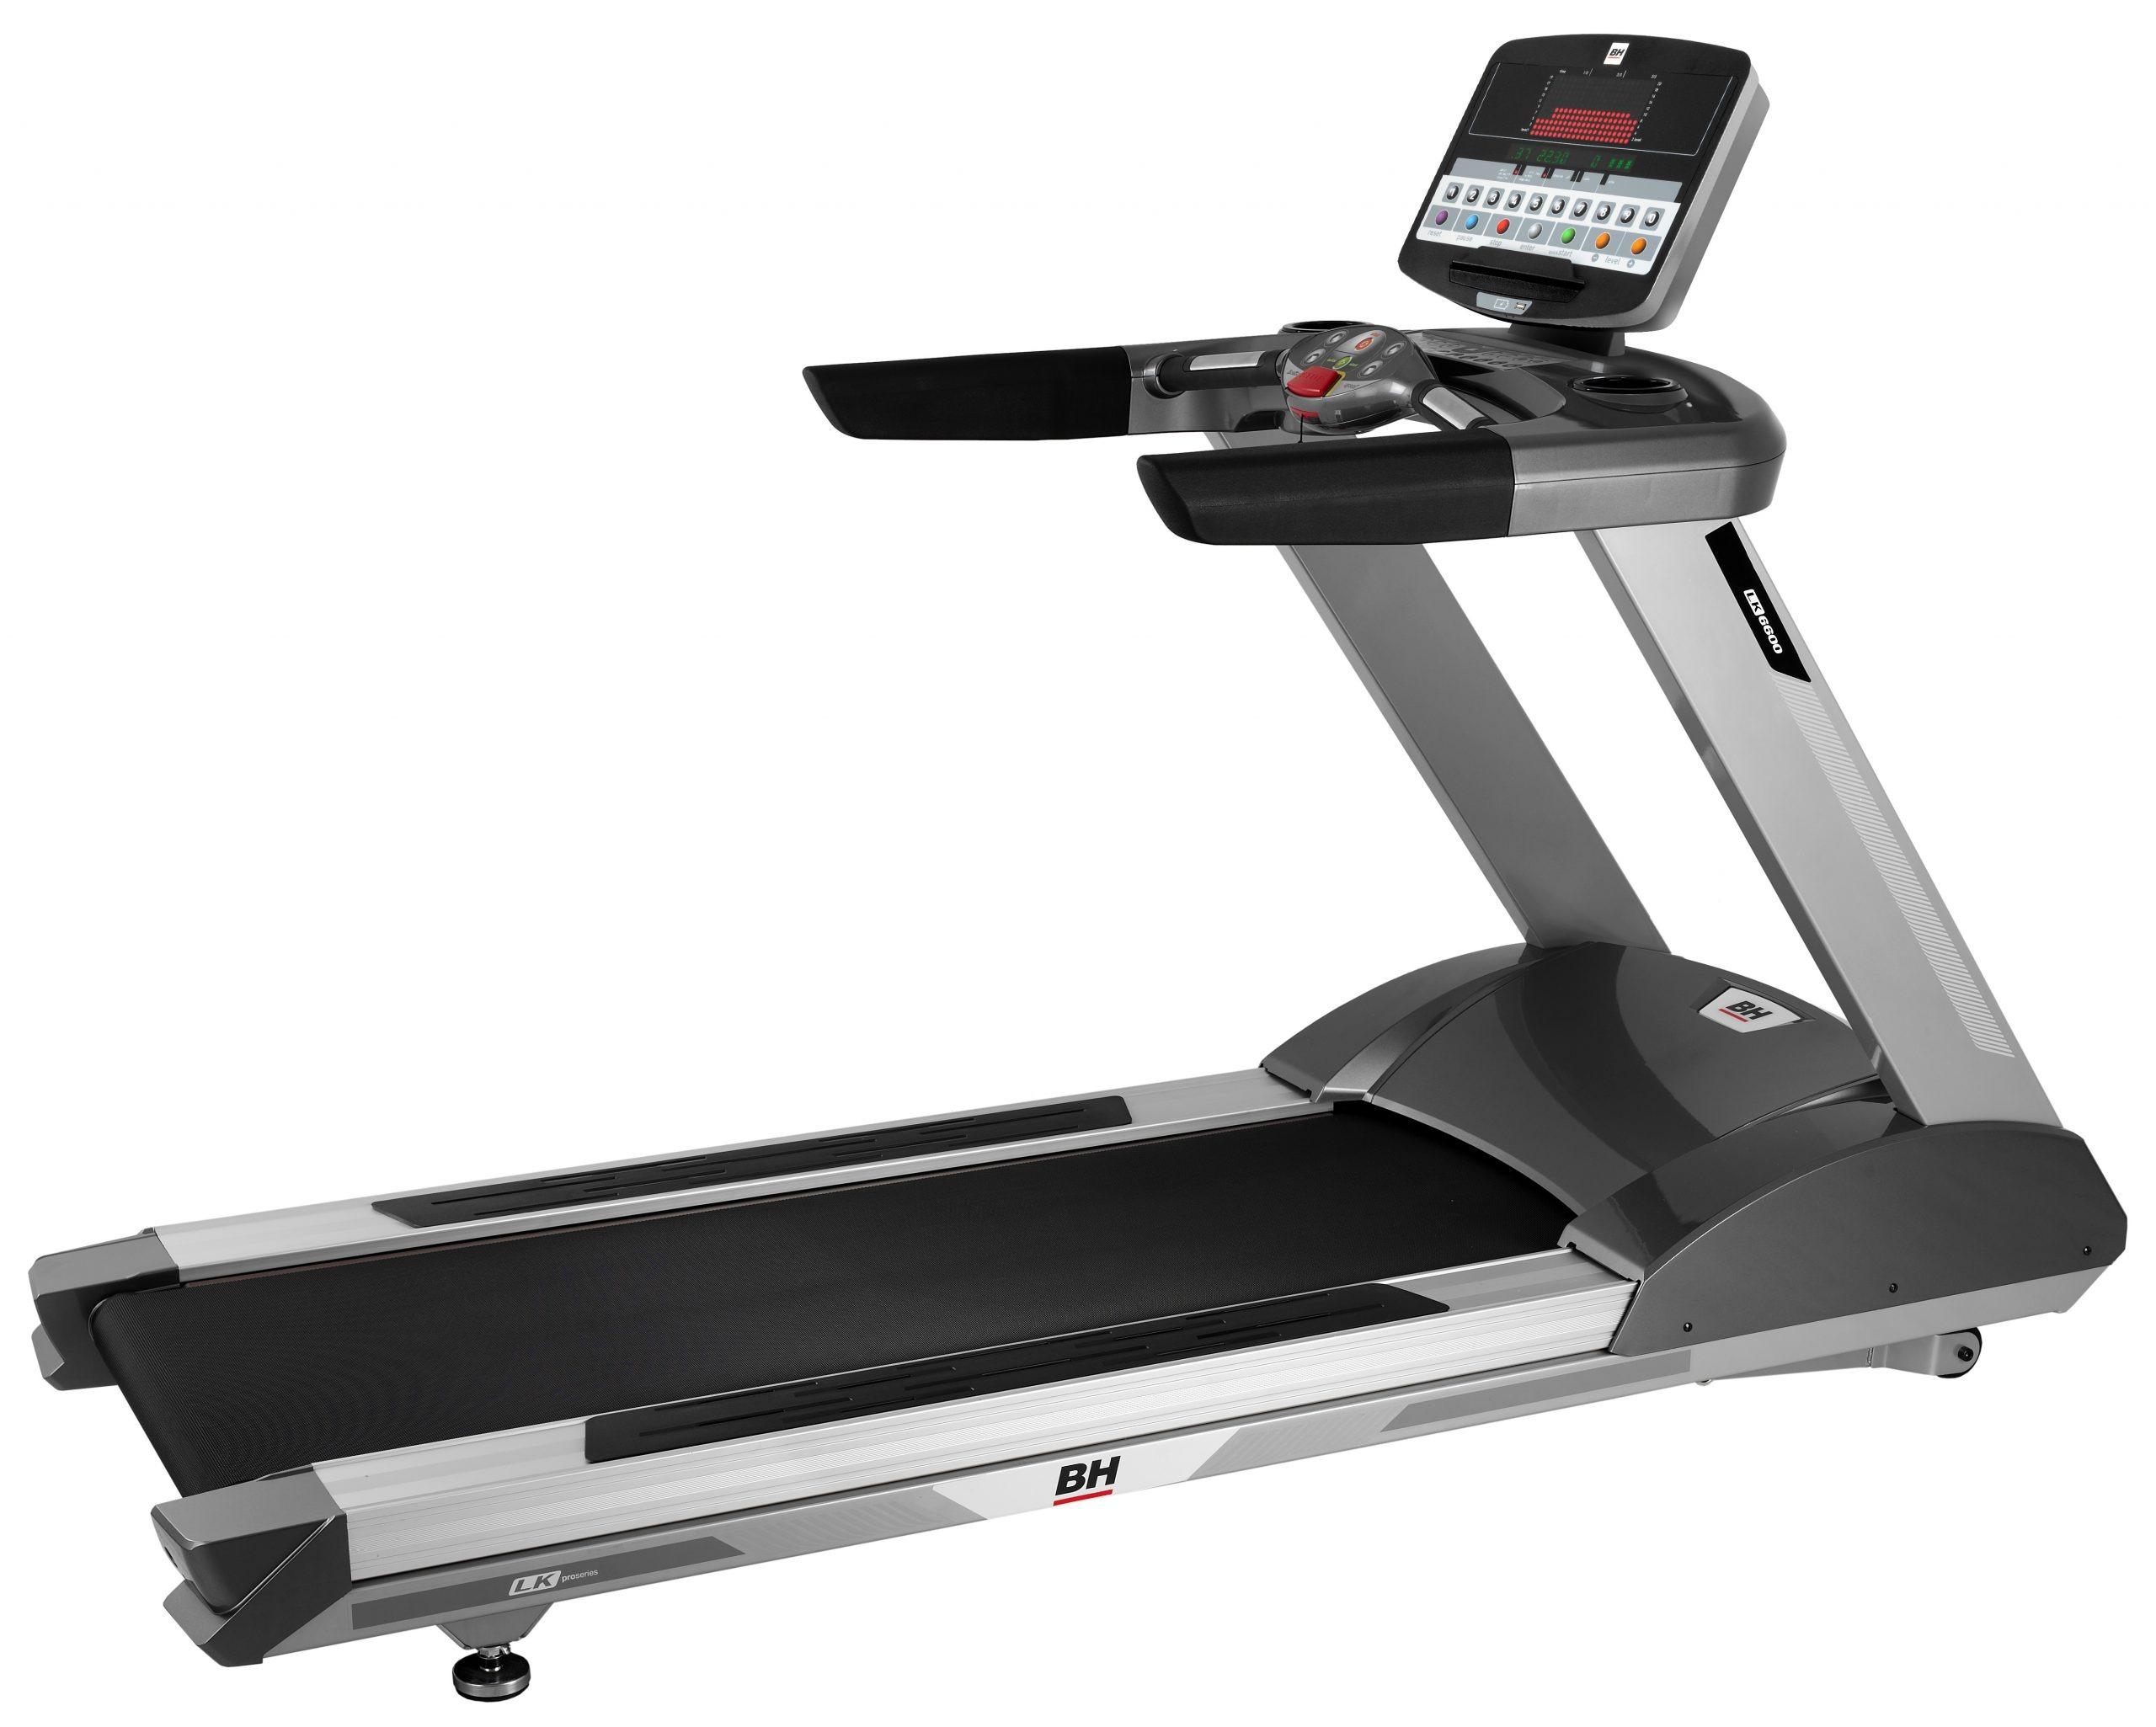 G680 Treadmill